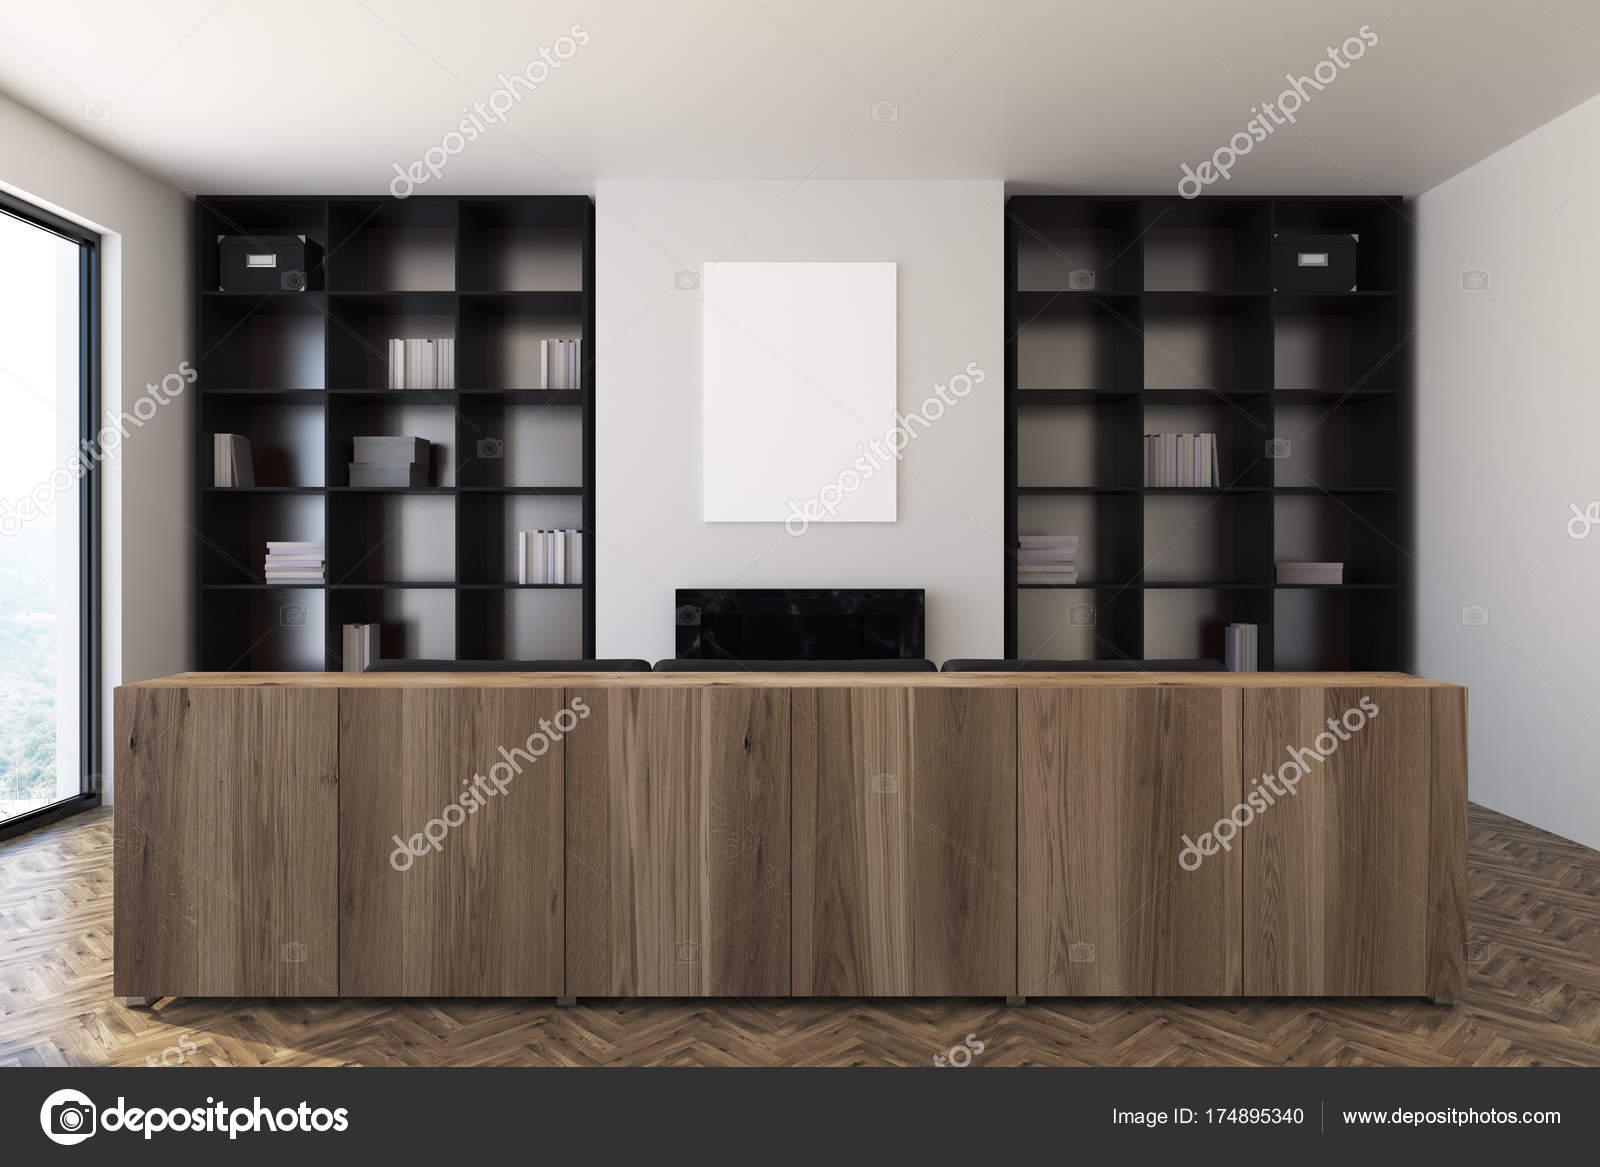 Weiße Wohnzimmer, Kamin Und Bücherregale, Sofa U2014 Stockfoto